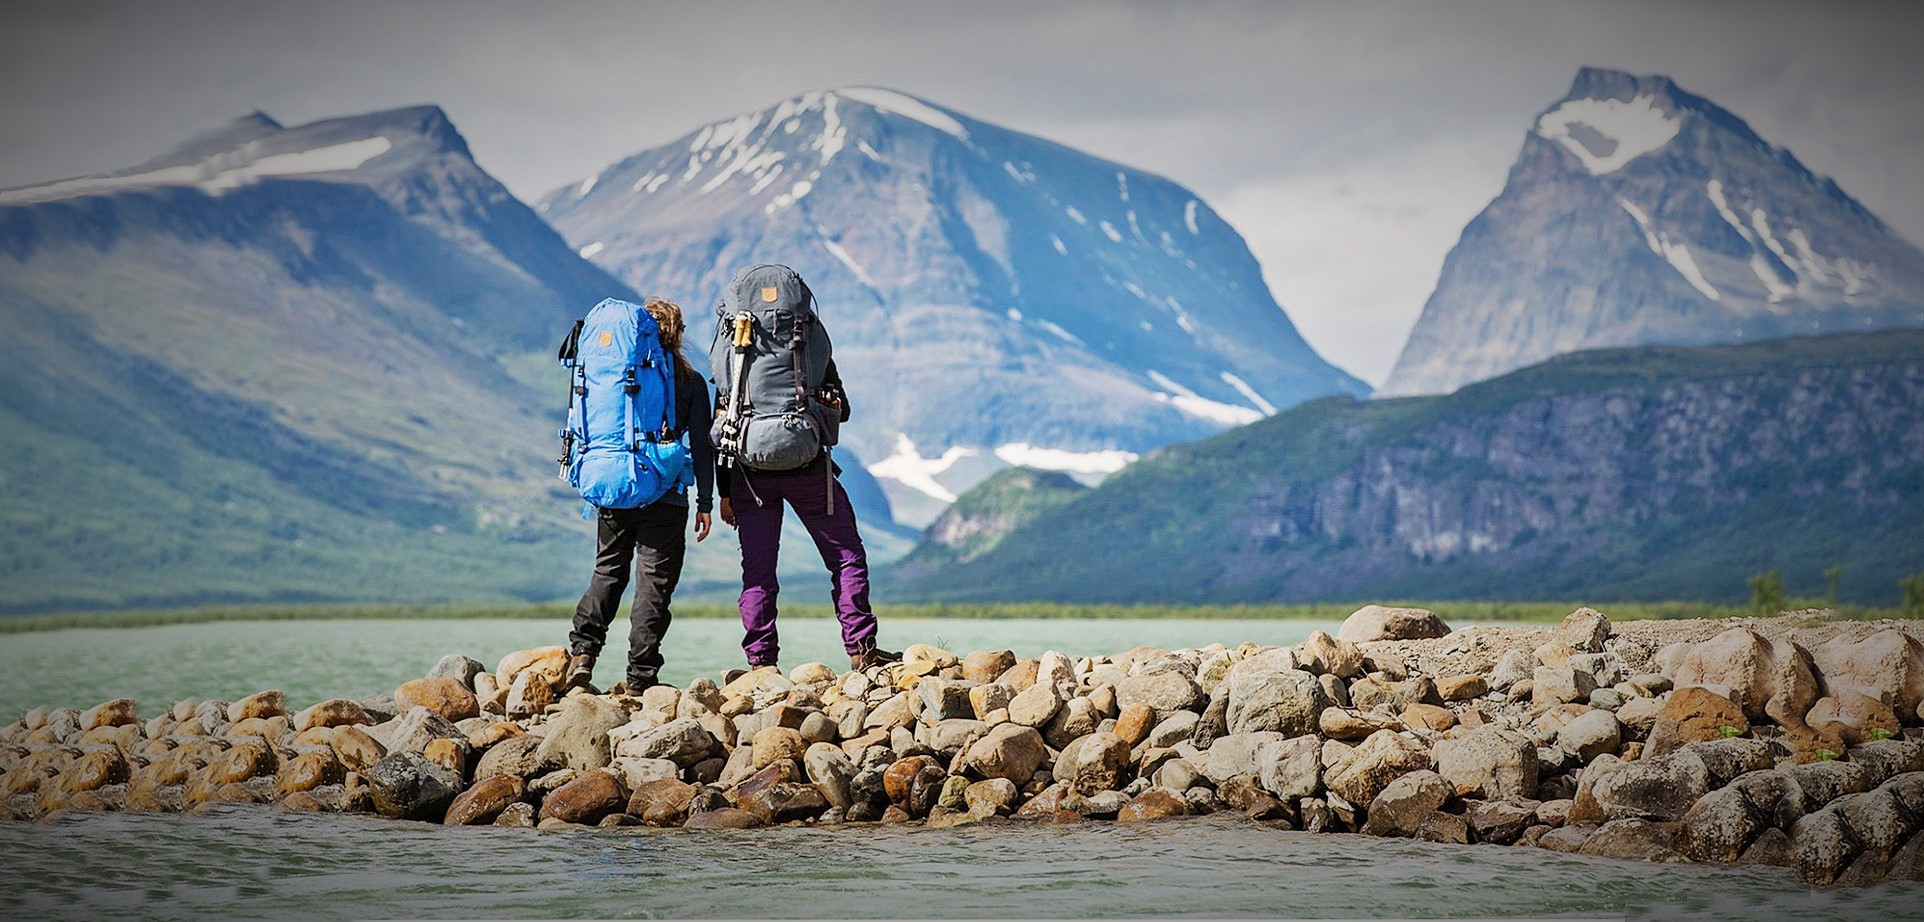 'Ερευνα Fjällräven: Η φύση μπορεί να κάνει τους ανθρώπους ευτυχέστερους, υγιέστερους και να ενισχύσει τον σεβασμό τους για το περιβάλλον